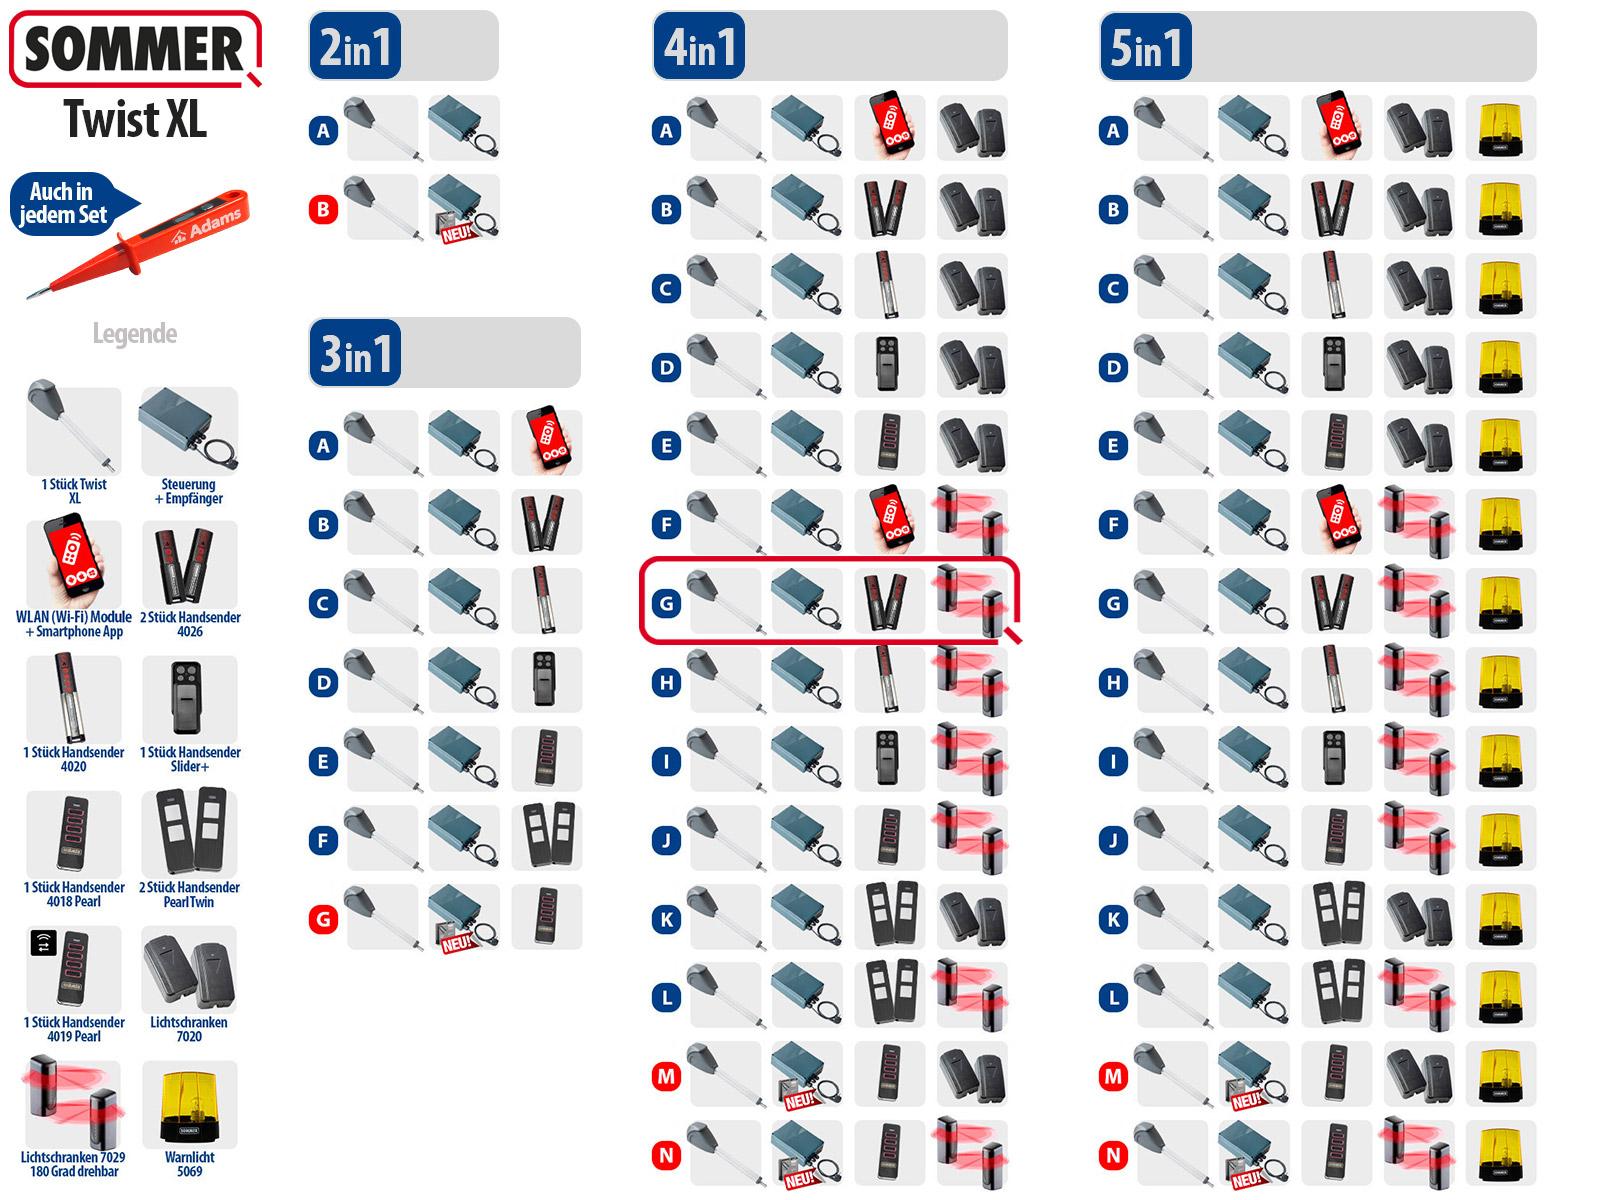 4020 oder Slider Sommer Twist XL Drehtorantrieb 2-flüglig - Set 5-in-1